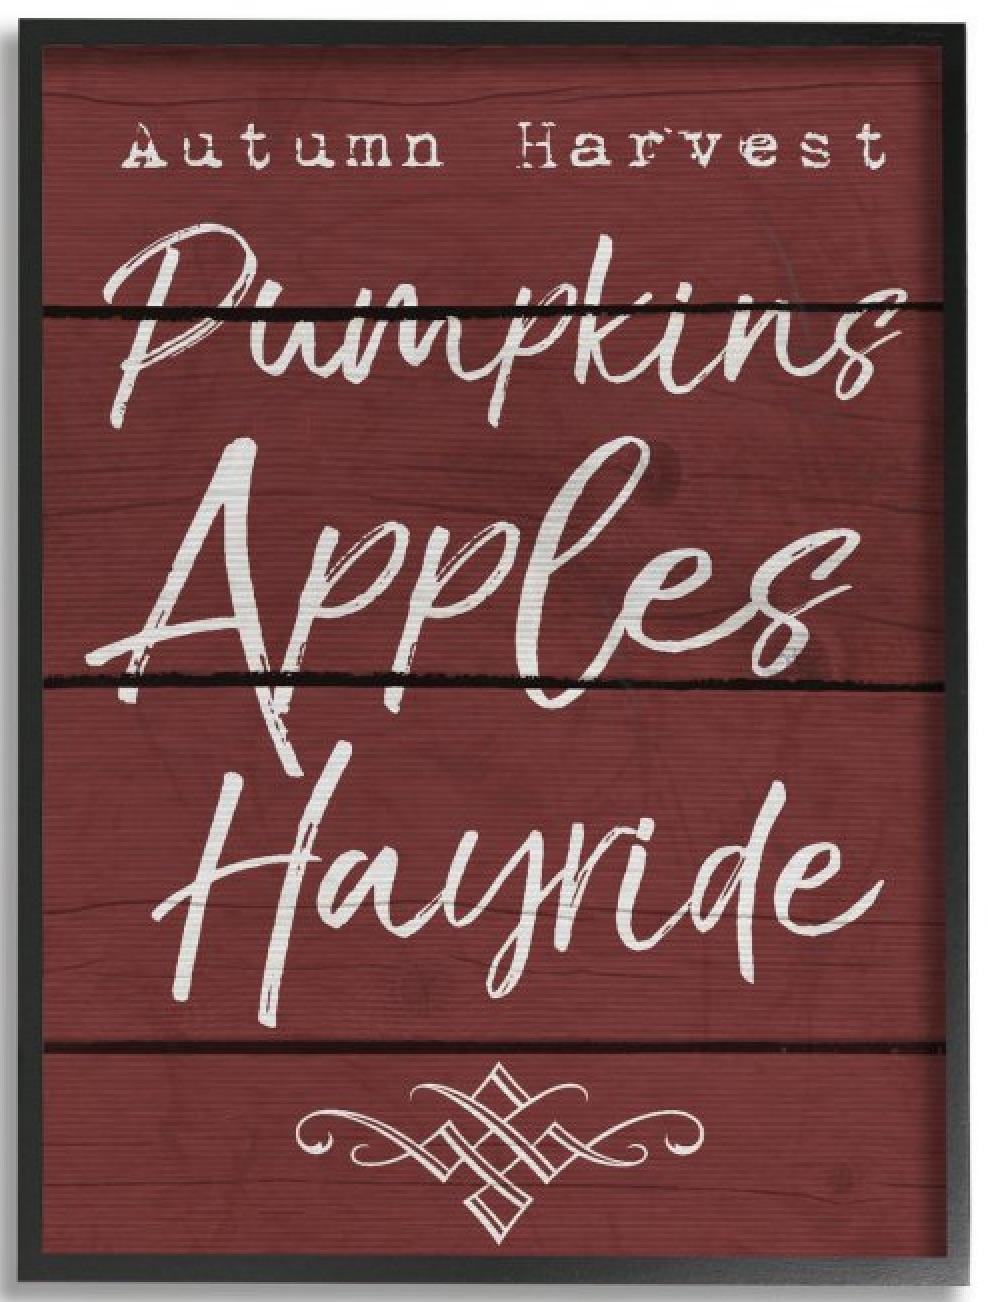 Farmhouse Fall Wall Decor to Welcome Autumn Autumn Harvest Activities #Farmhouse #FallWallDecor #FarmhouseWallDecor #RusticDecor #CountryDecor #FallDecor #AutumnDecor #FallWallArt